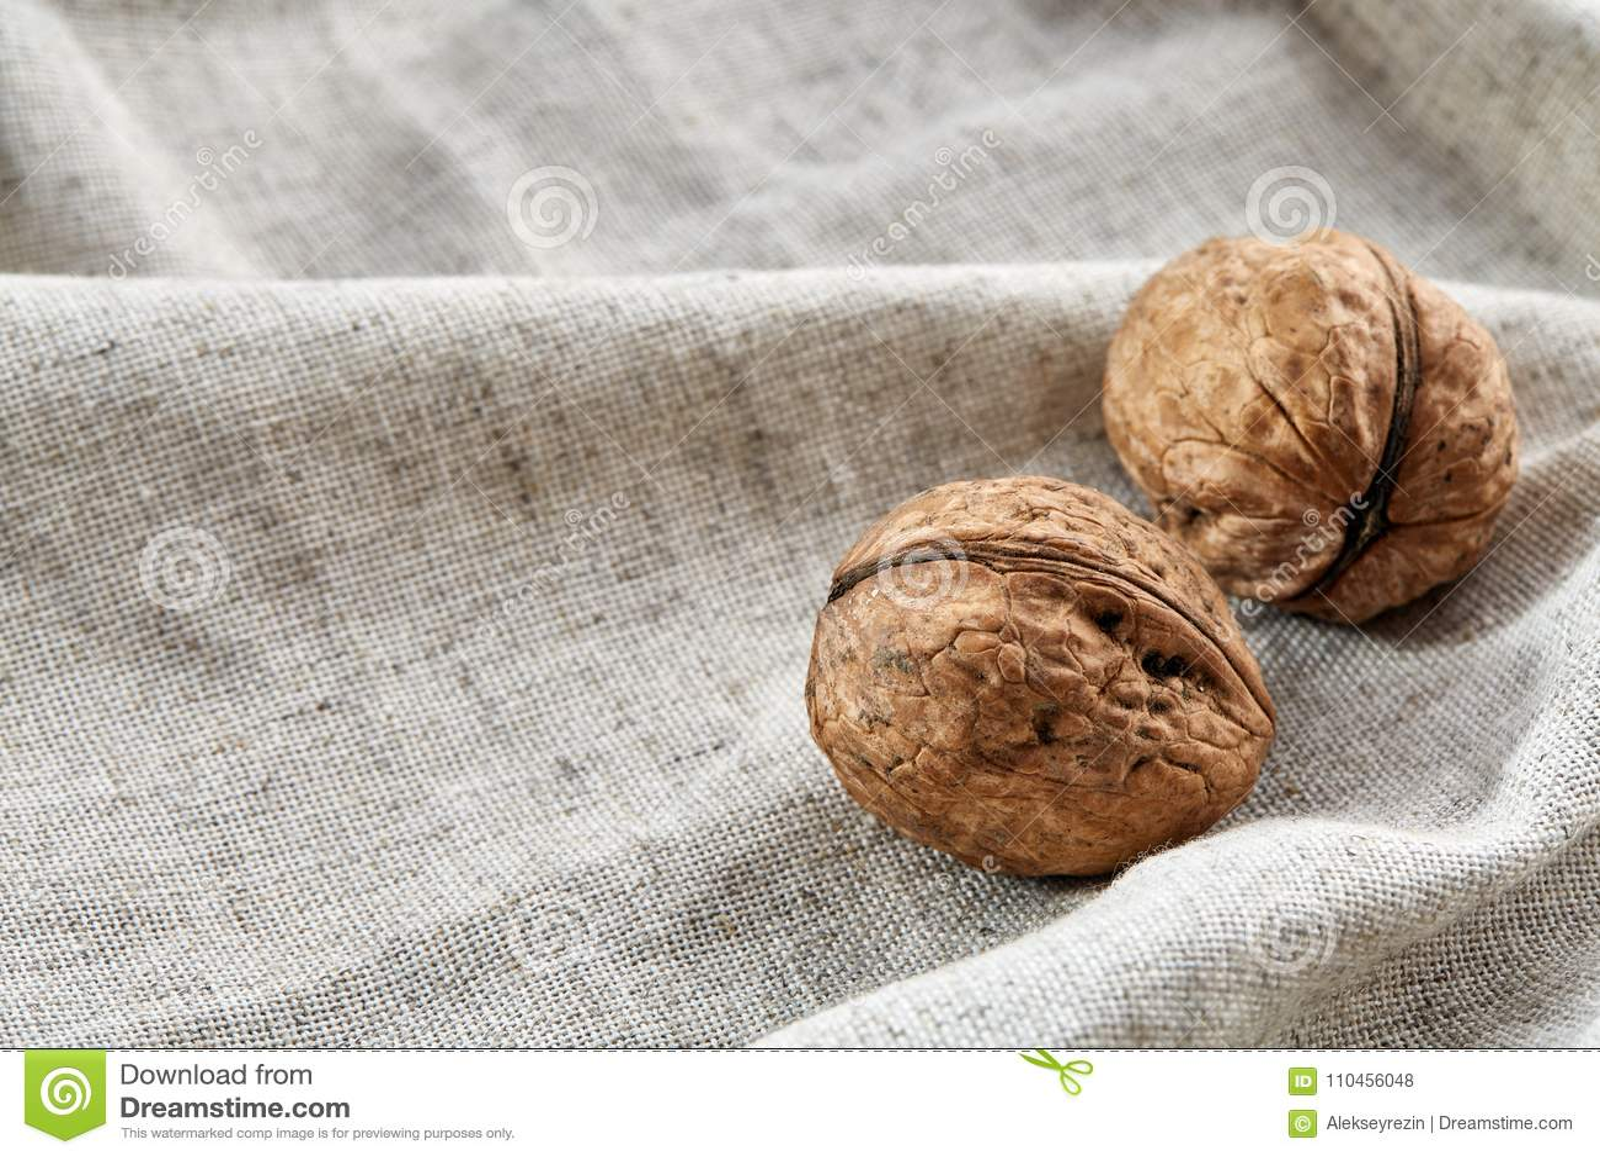 En bunt av hårda skal av valnötter travde tillsammans på ljus - den gråa tygbomullsbordduken, selektiv fokus